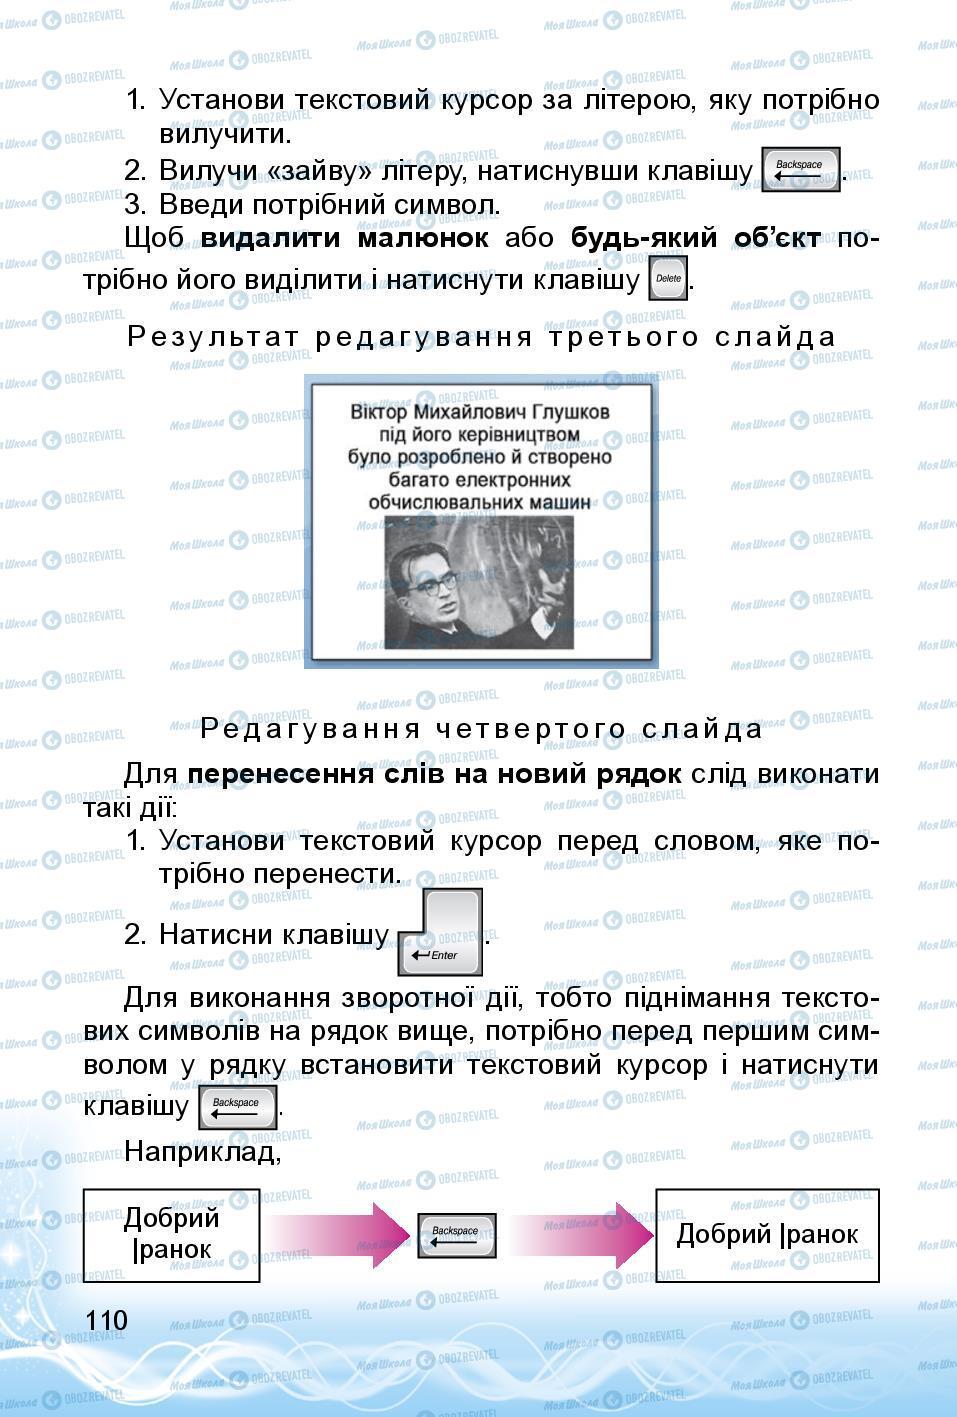 Підручники Інформатика 3 клас сторінка 110